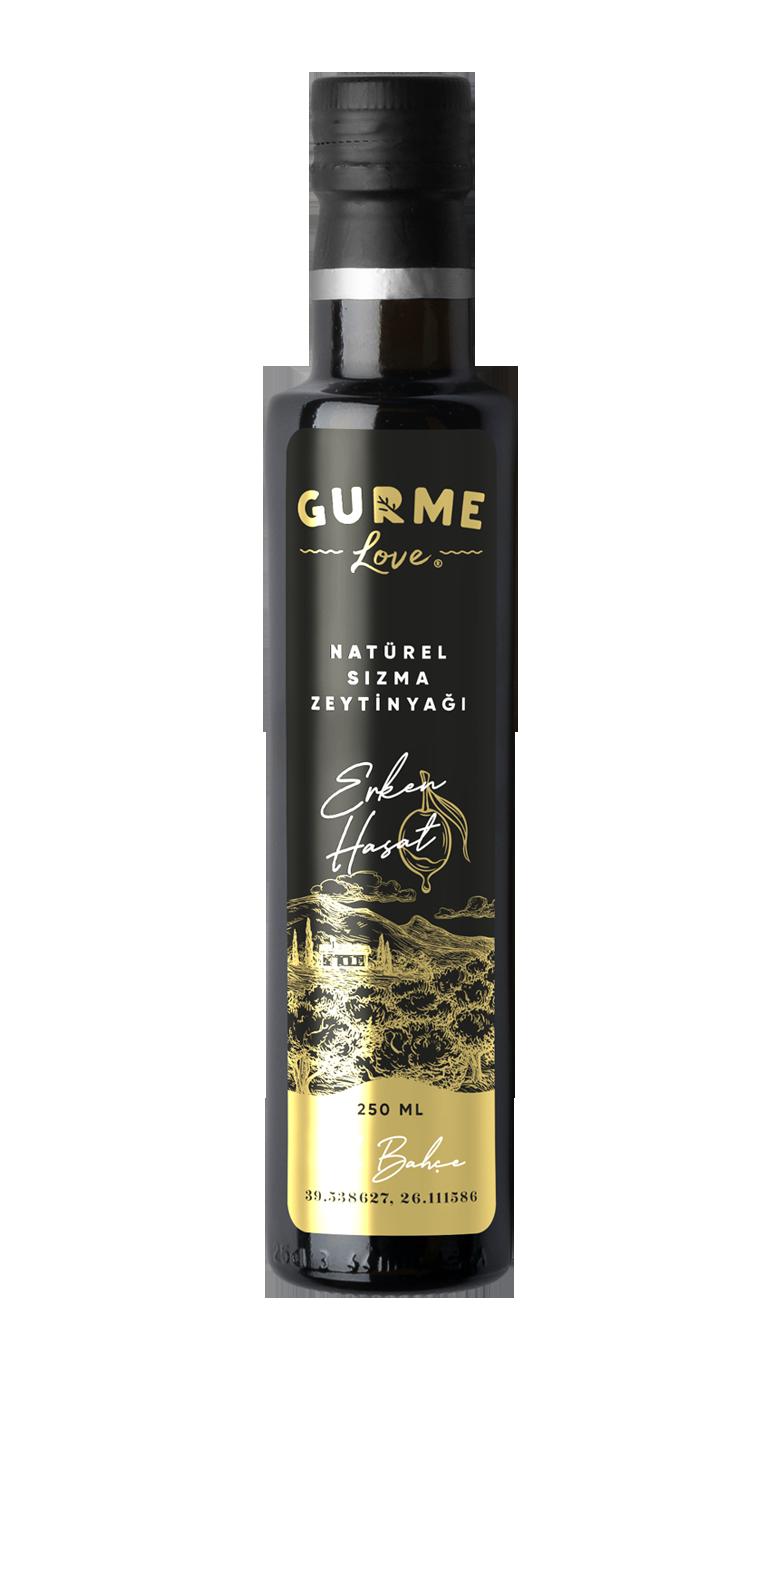 gurmelove-250-ml-naturel-sizma-zeytinyagi